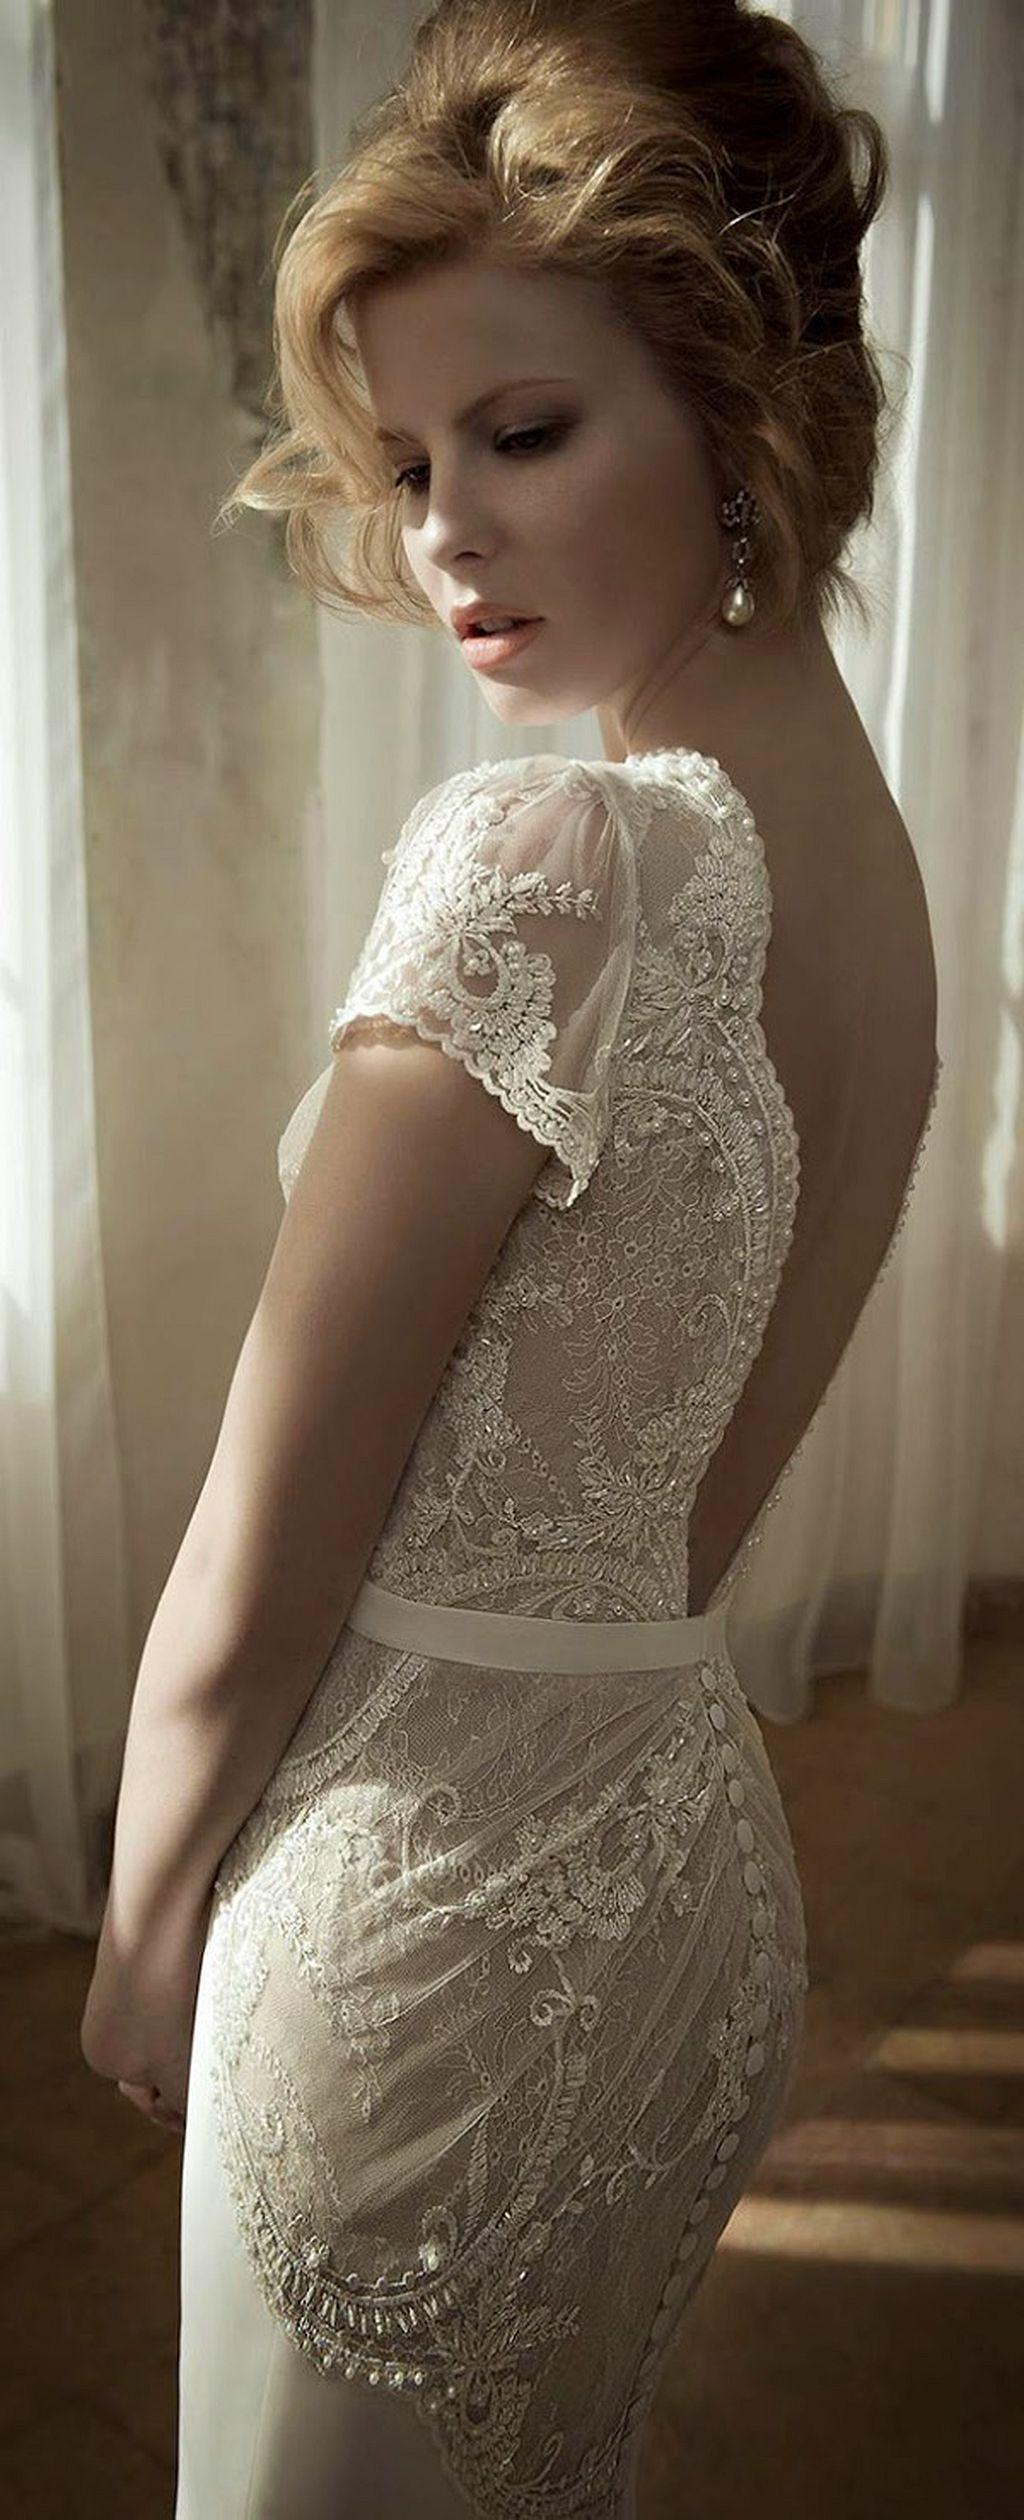 vintage wedding dress ideas dress ideas vintage weddings and